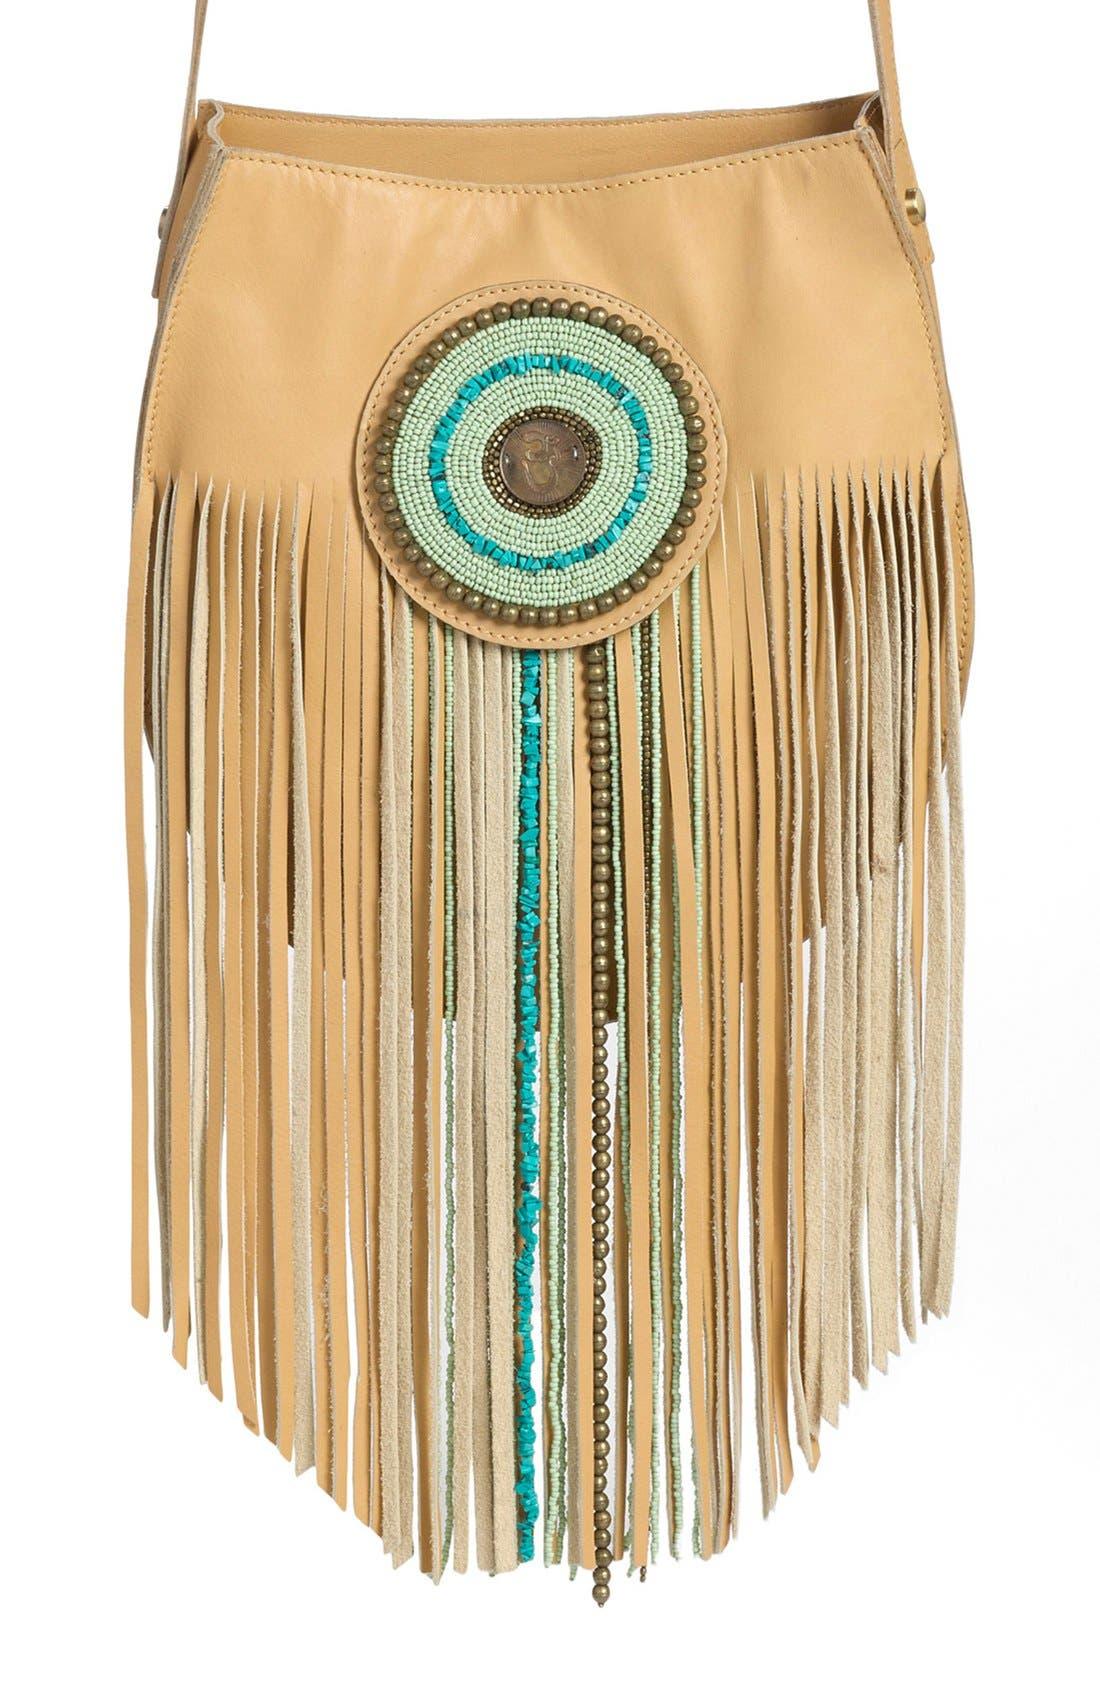 Main Image - Sam Edelman 'Karina' Fringe Leather Shoulder Bag